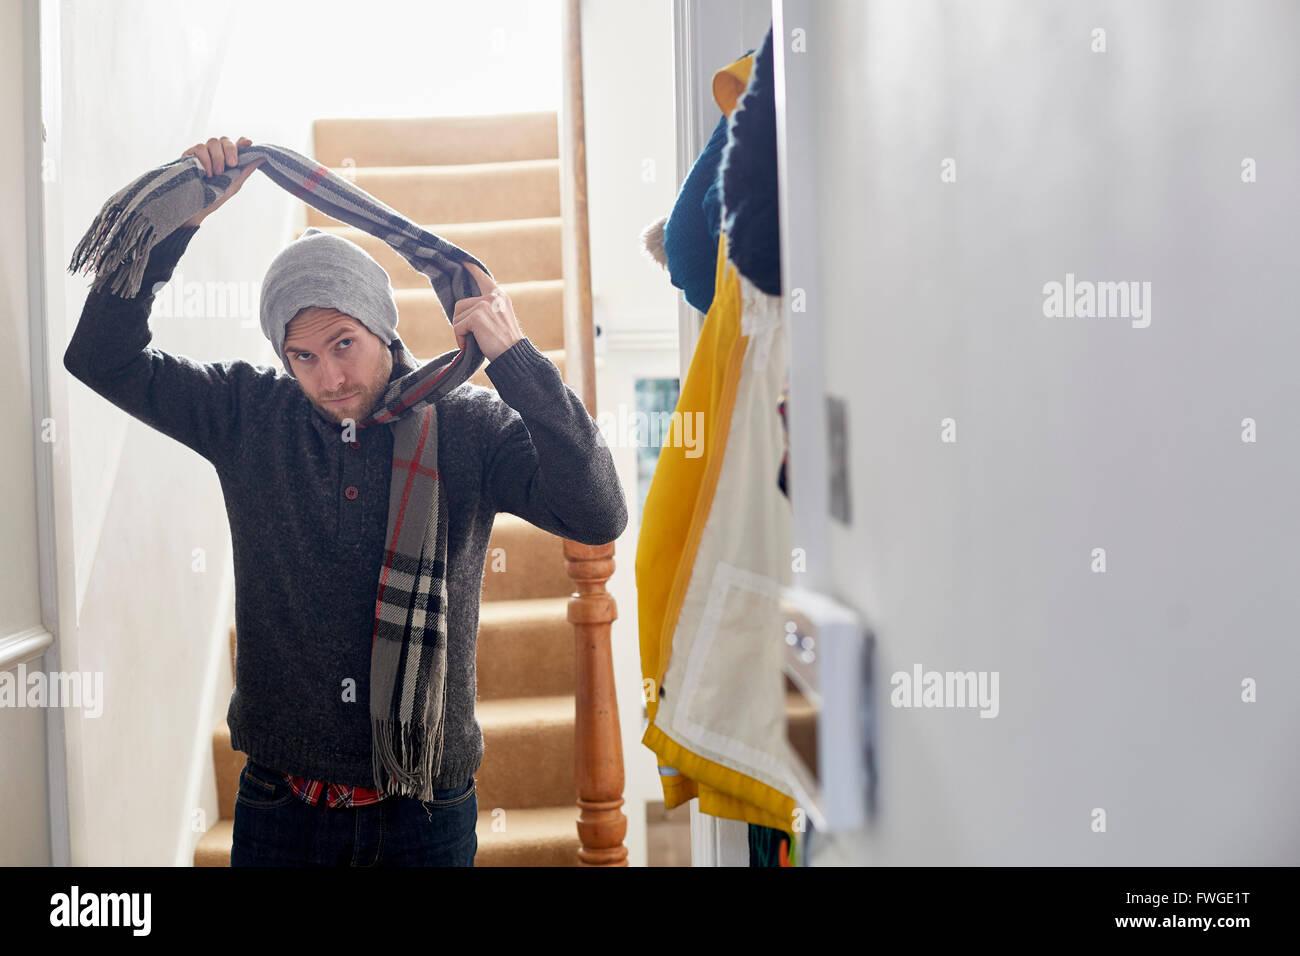 Un homme dans un manteau d'hiver, bonnet et écharpe d'arriver chez lui, en tenant l'écharpe. Banque D'Images